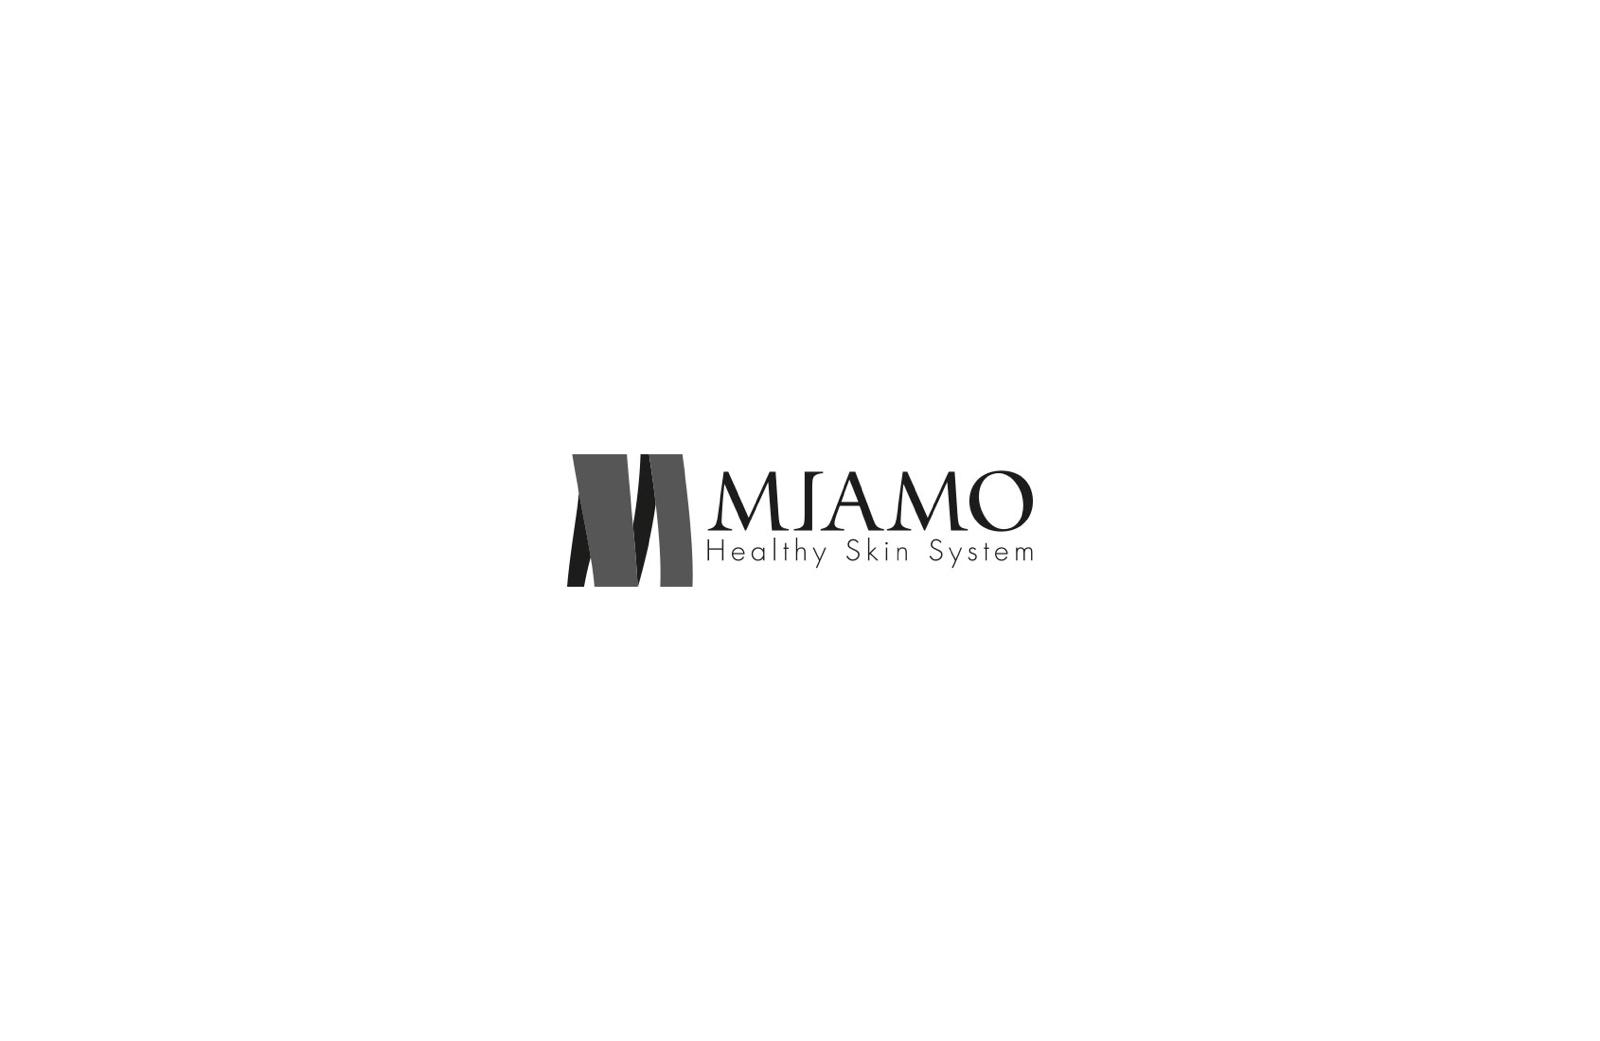 miamo